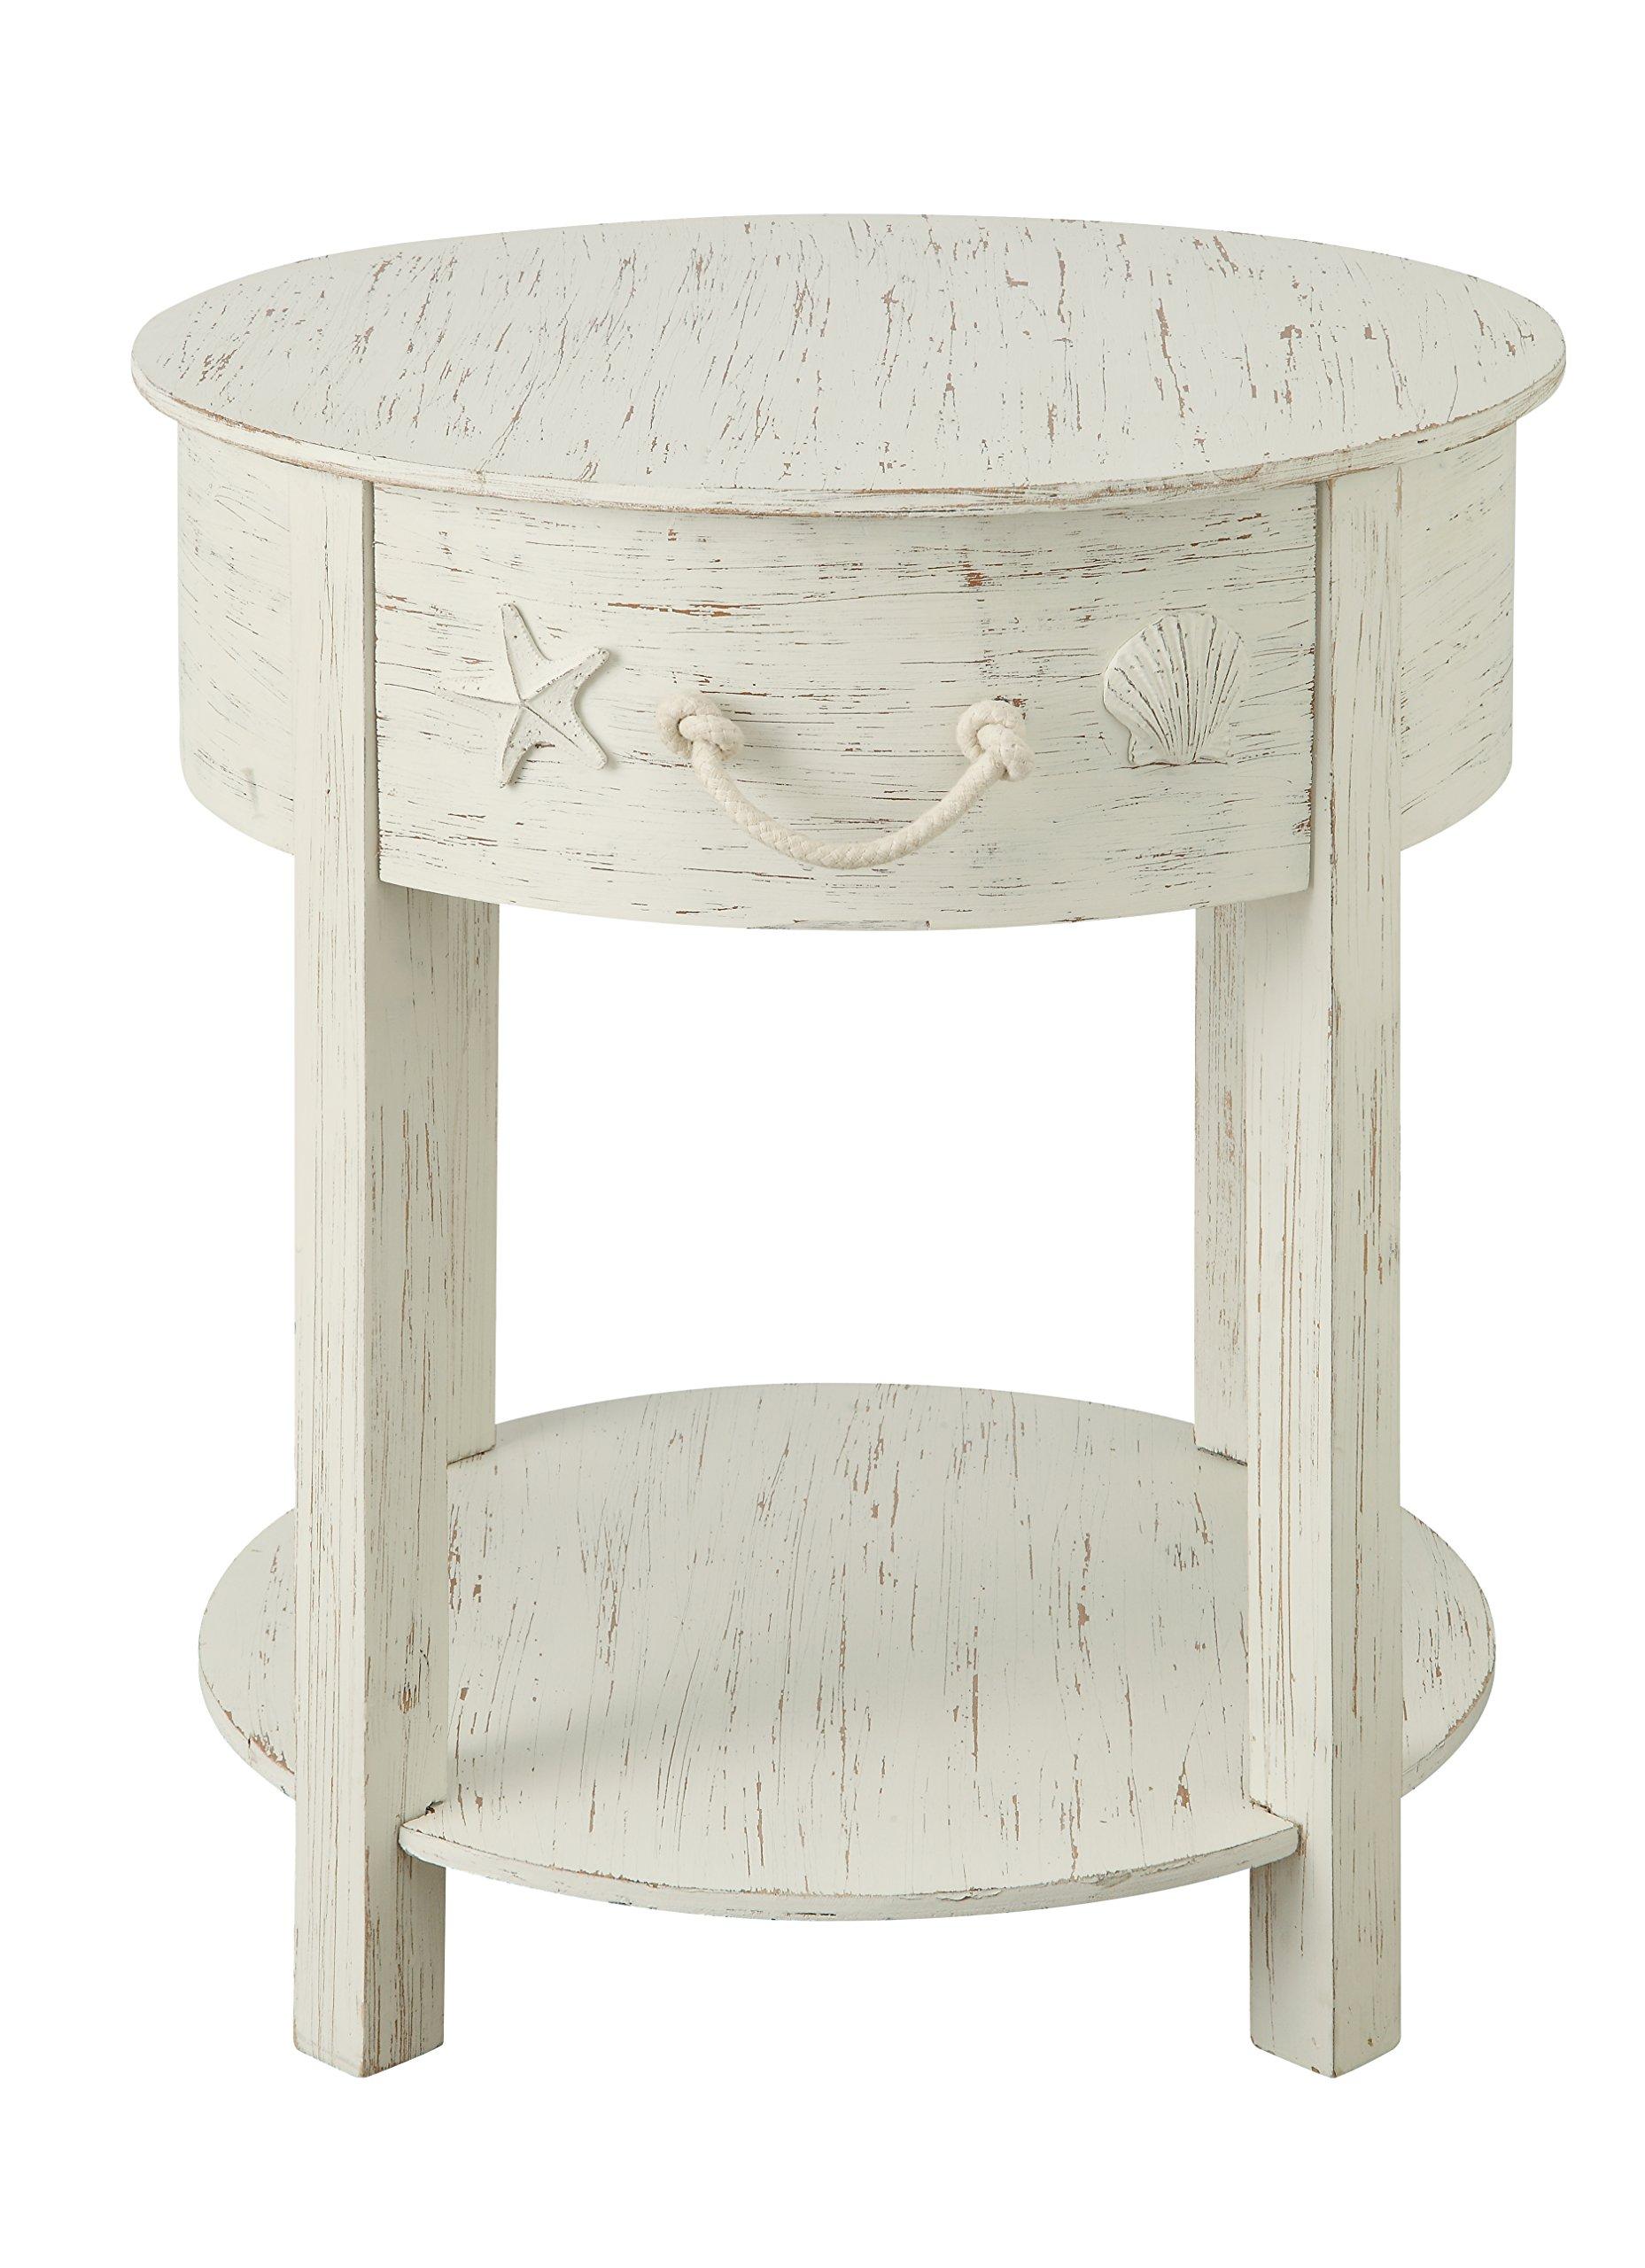 Treasure Trove One Drawer Accent Table, Cream